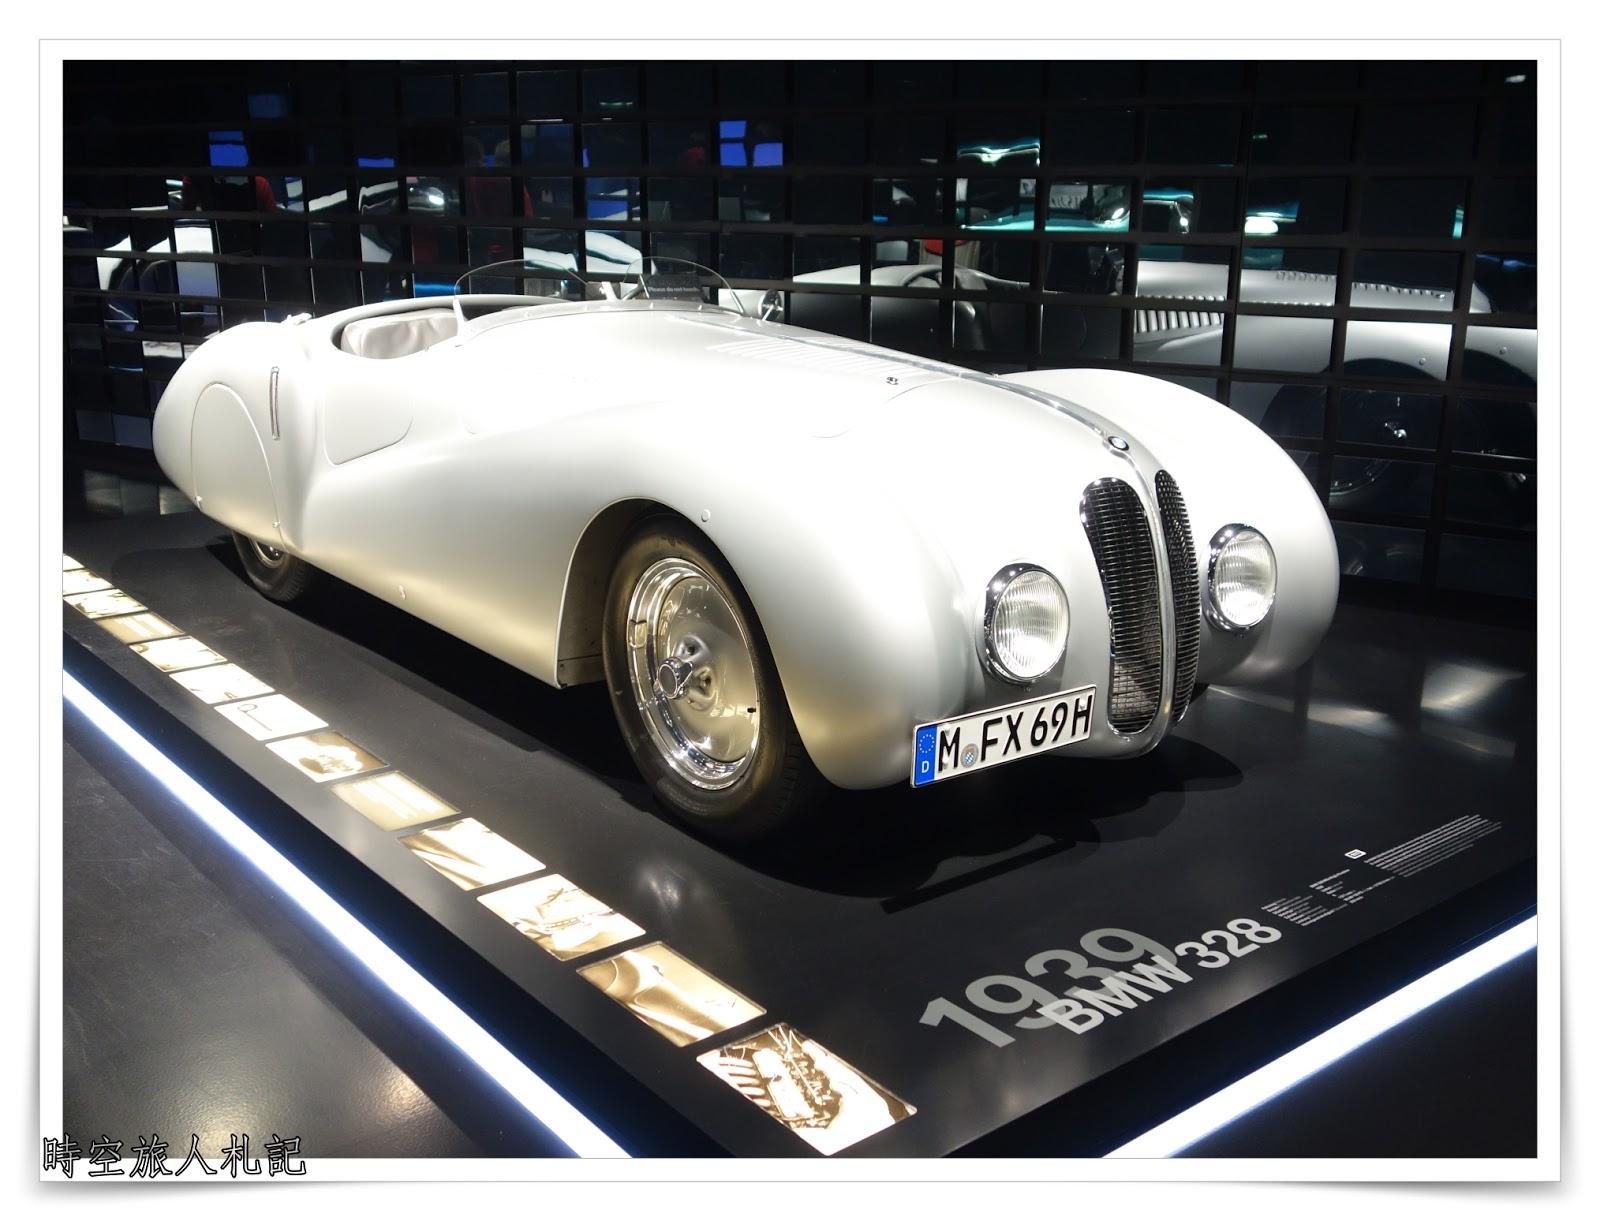 慕尼黑BMW博物館: 德國工業的驕傲